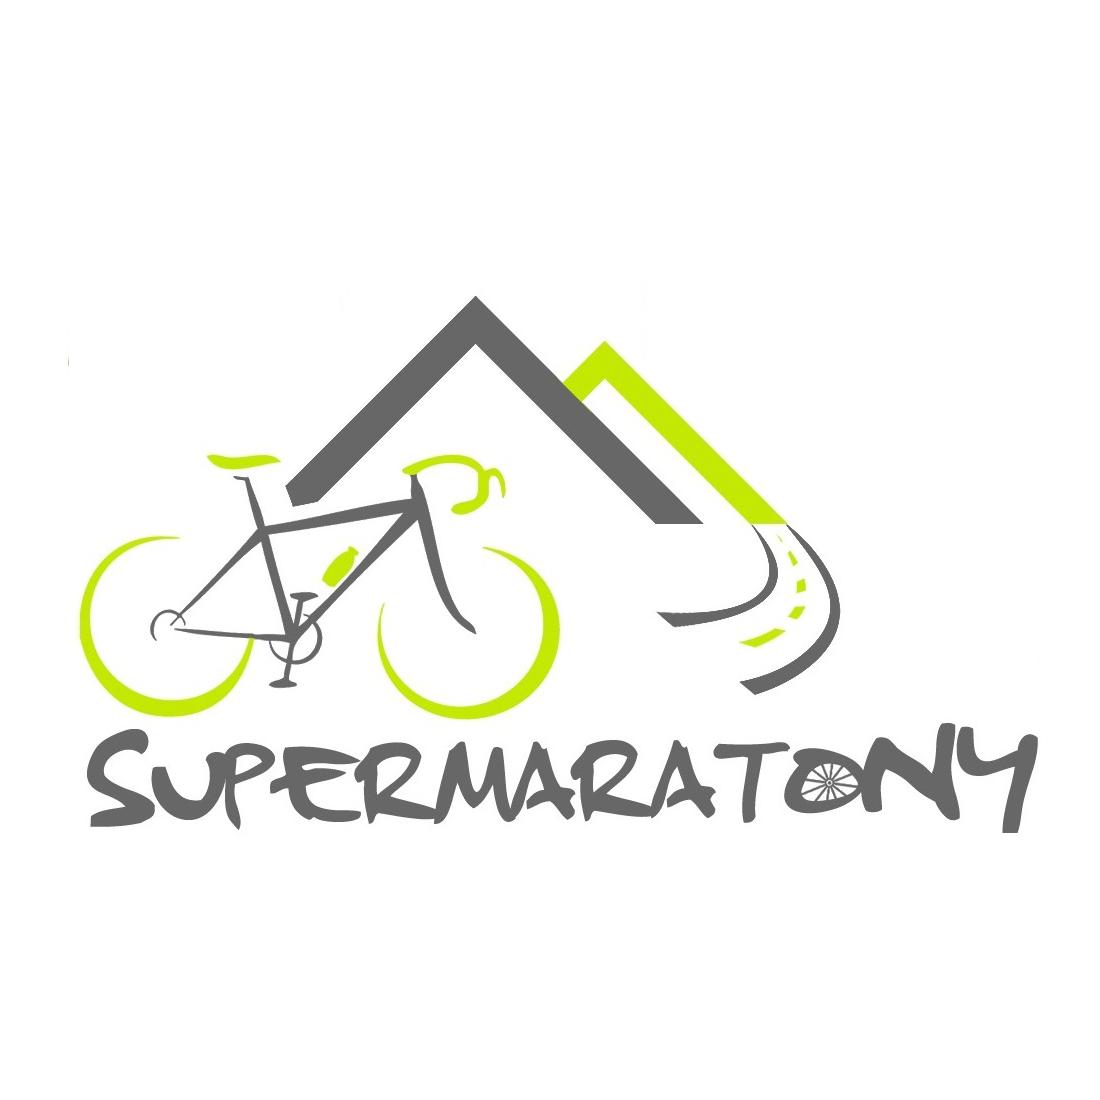 Supermaratony